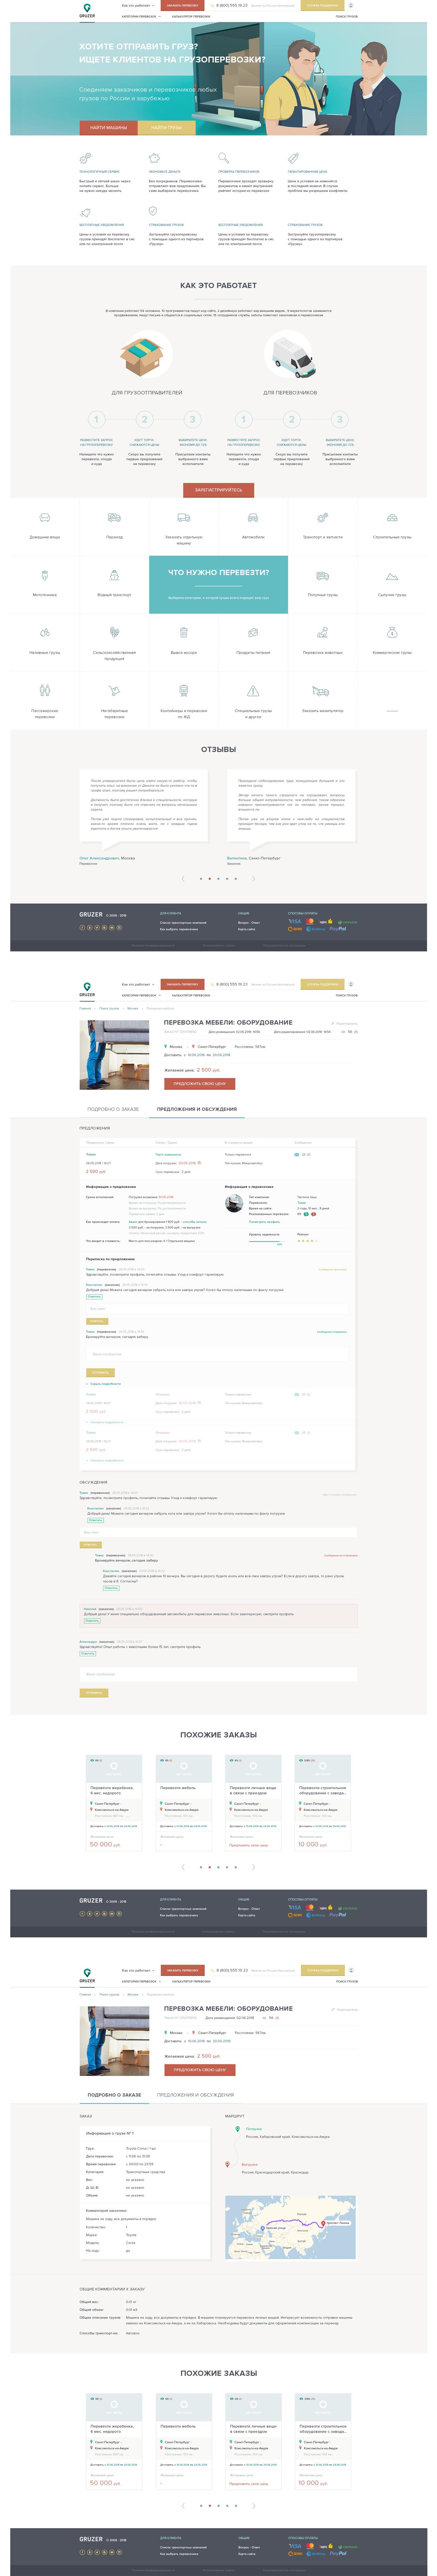 Адаптивный дизайн сайта по грузоперевозкам Gruzer